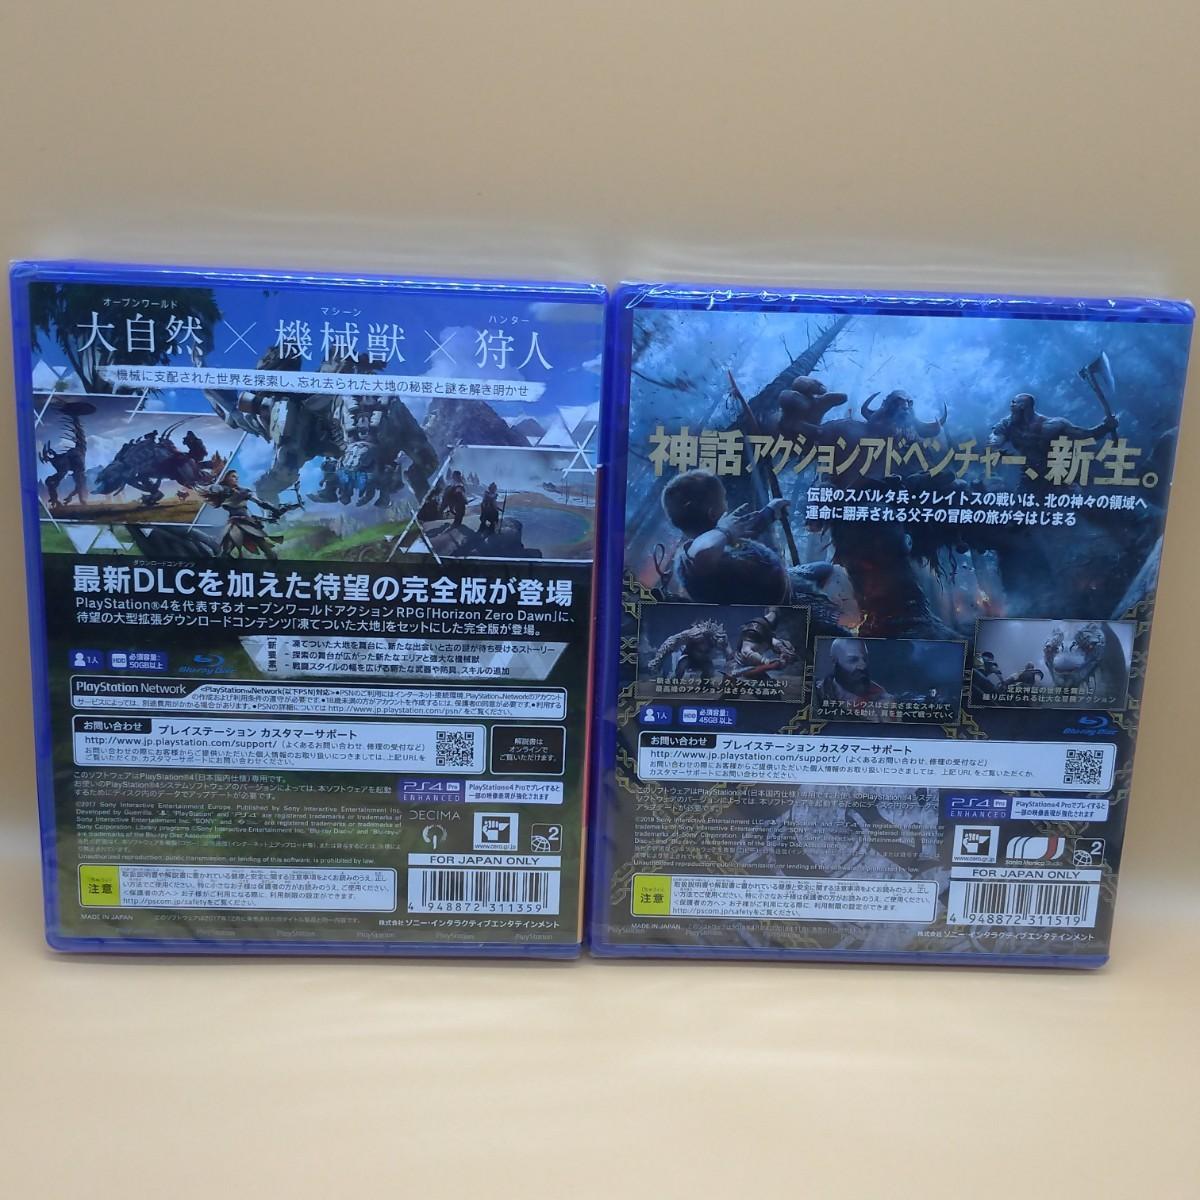 【新品未開封】PS4ソフト 2本セット